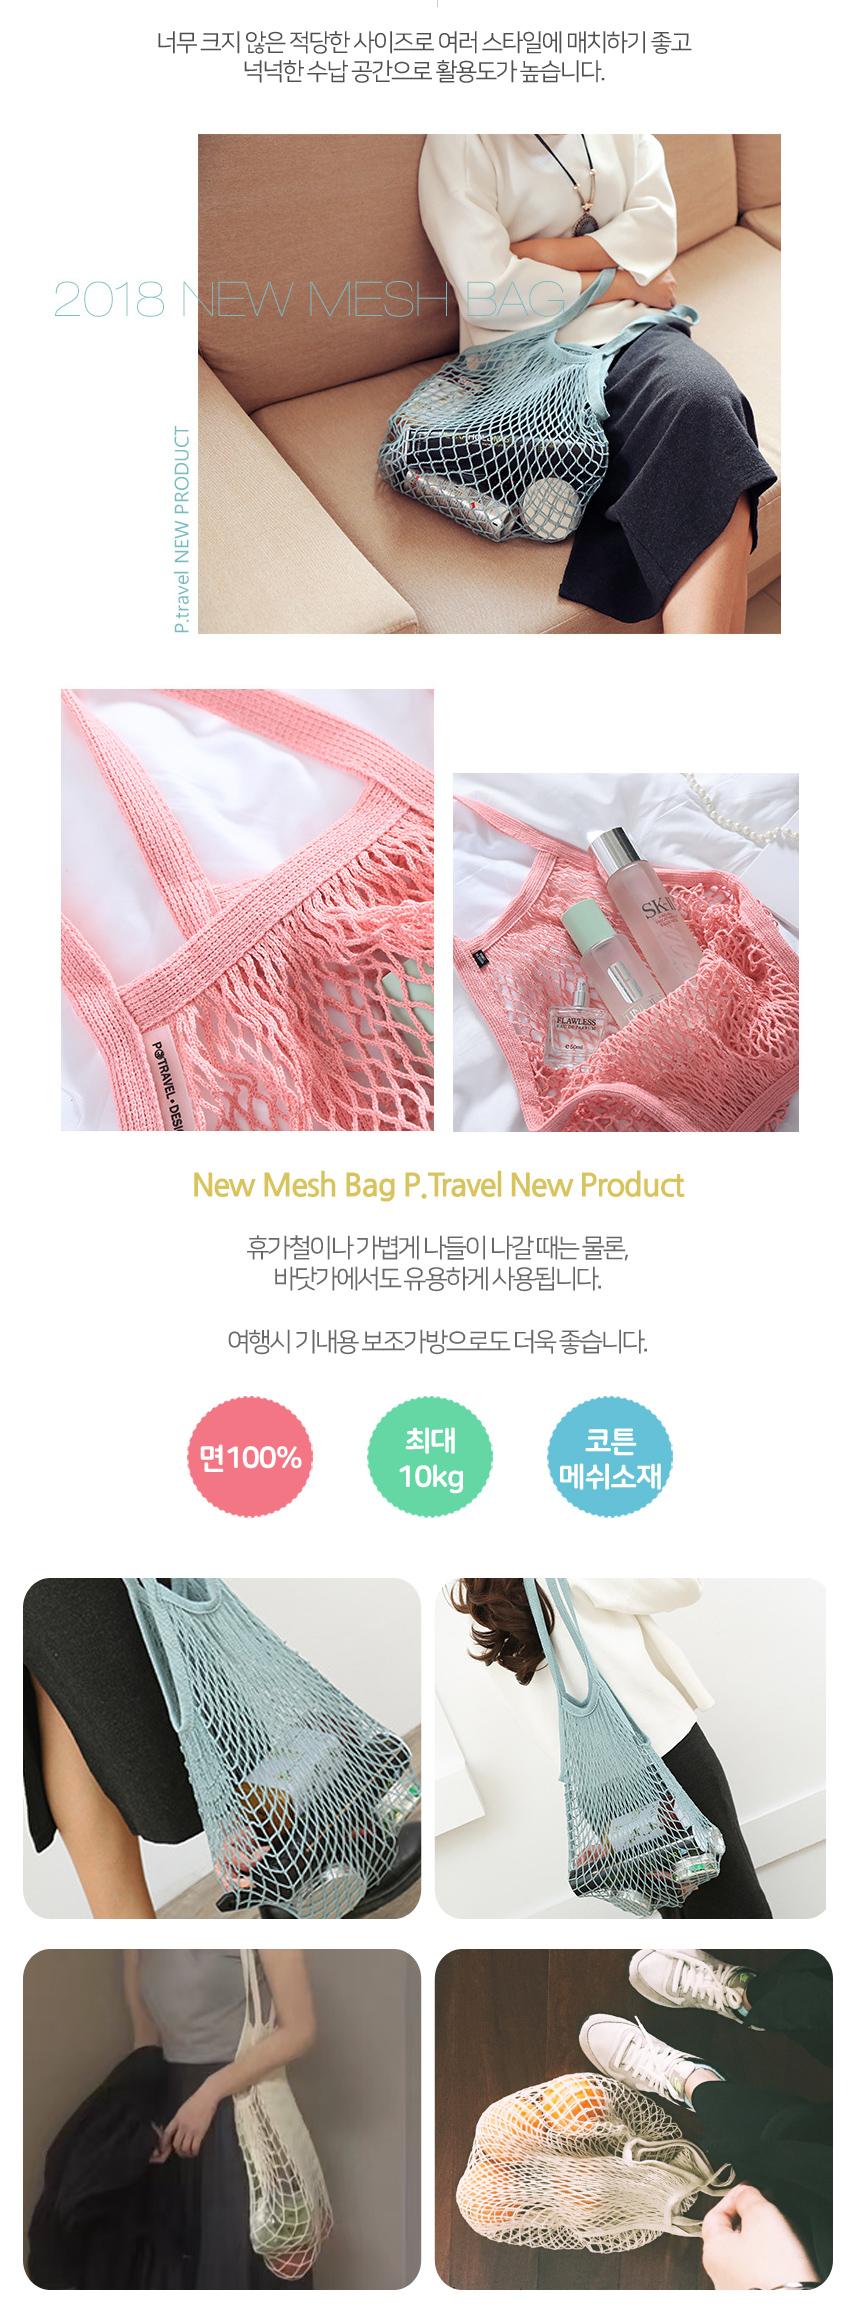 Ptravel 네트백 메쉬 비치백 - 바오마루, 6,500원, 트래블팩단품, 멀티파우치